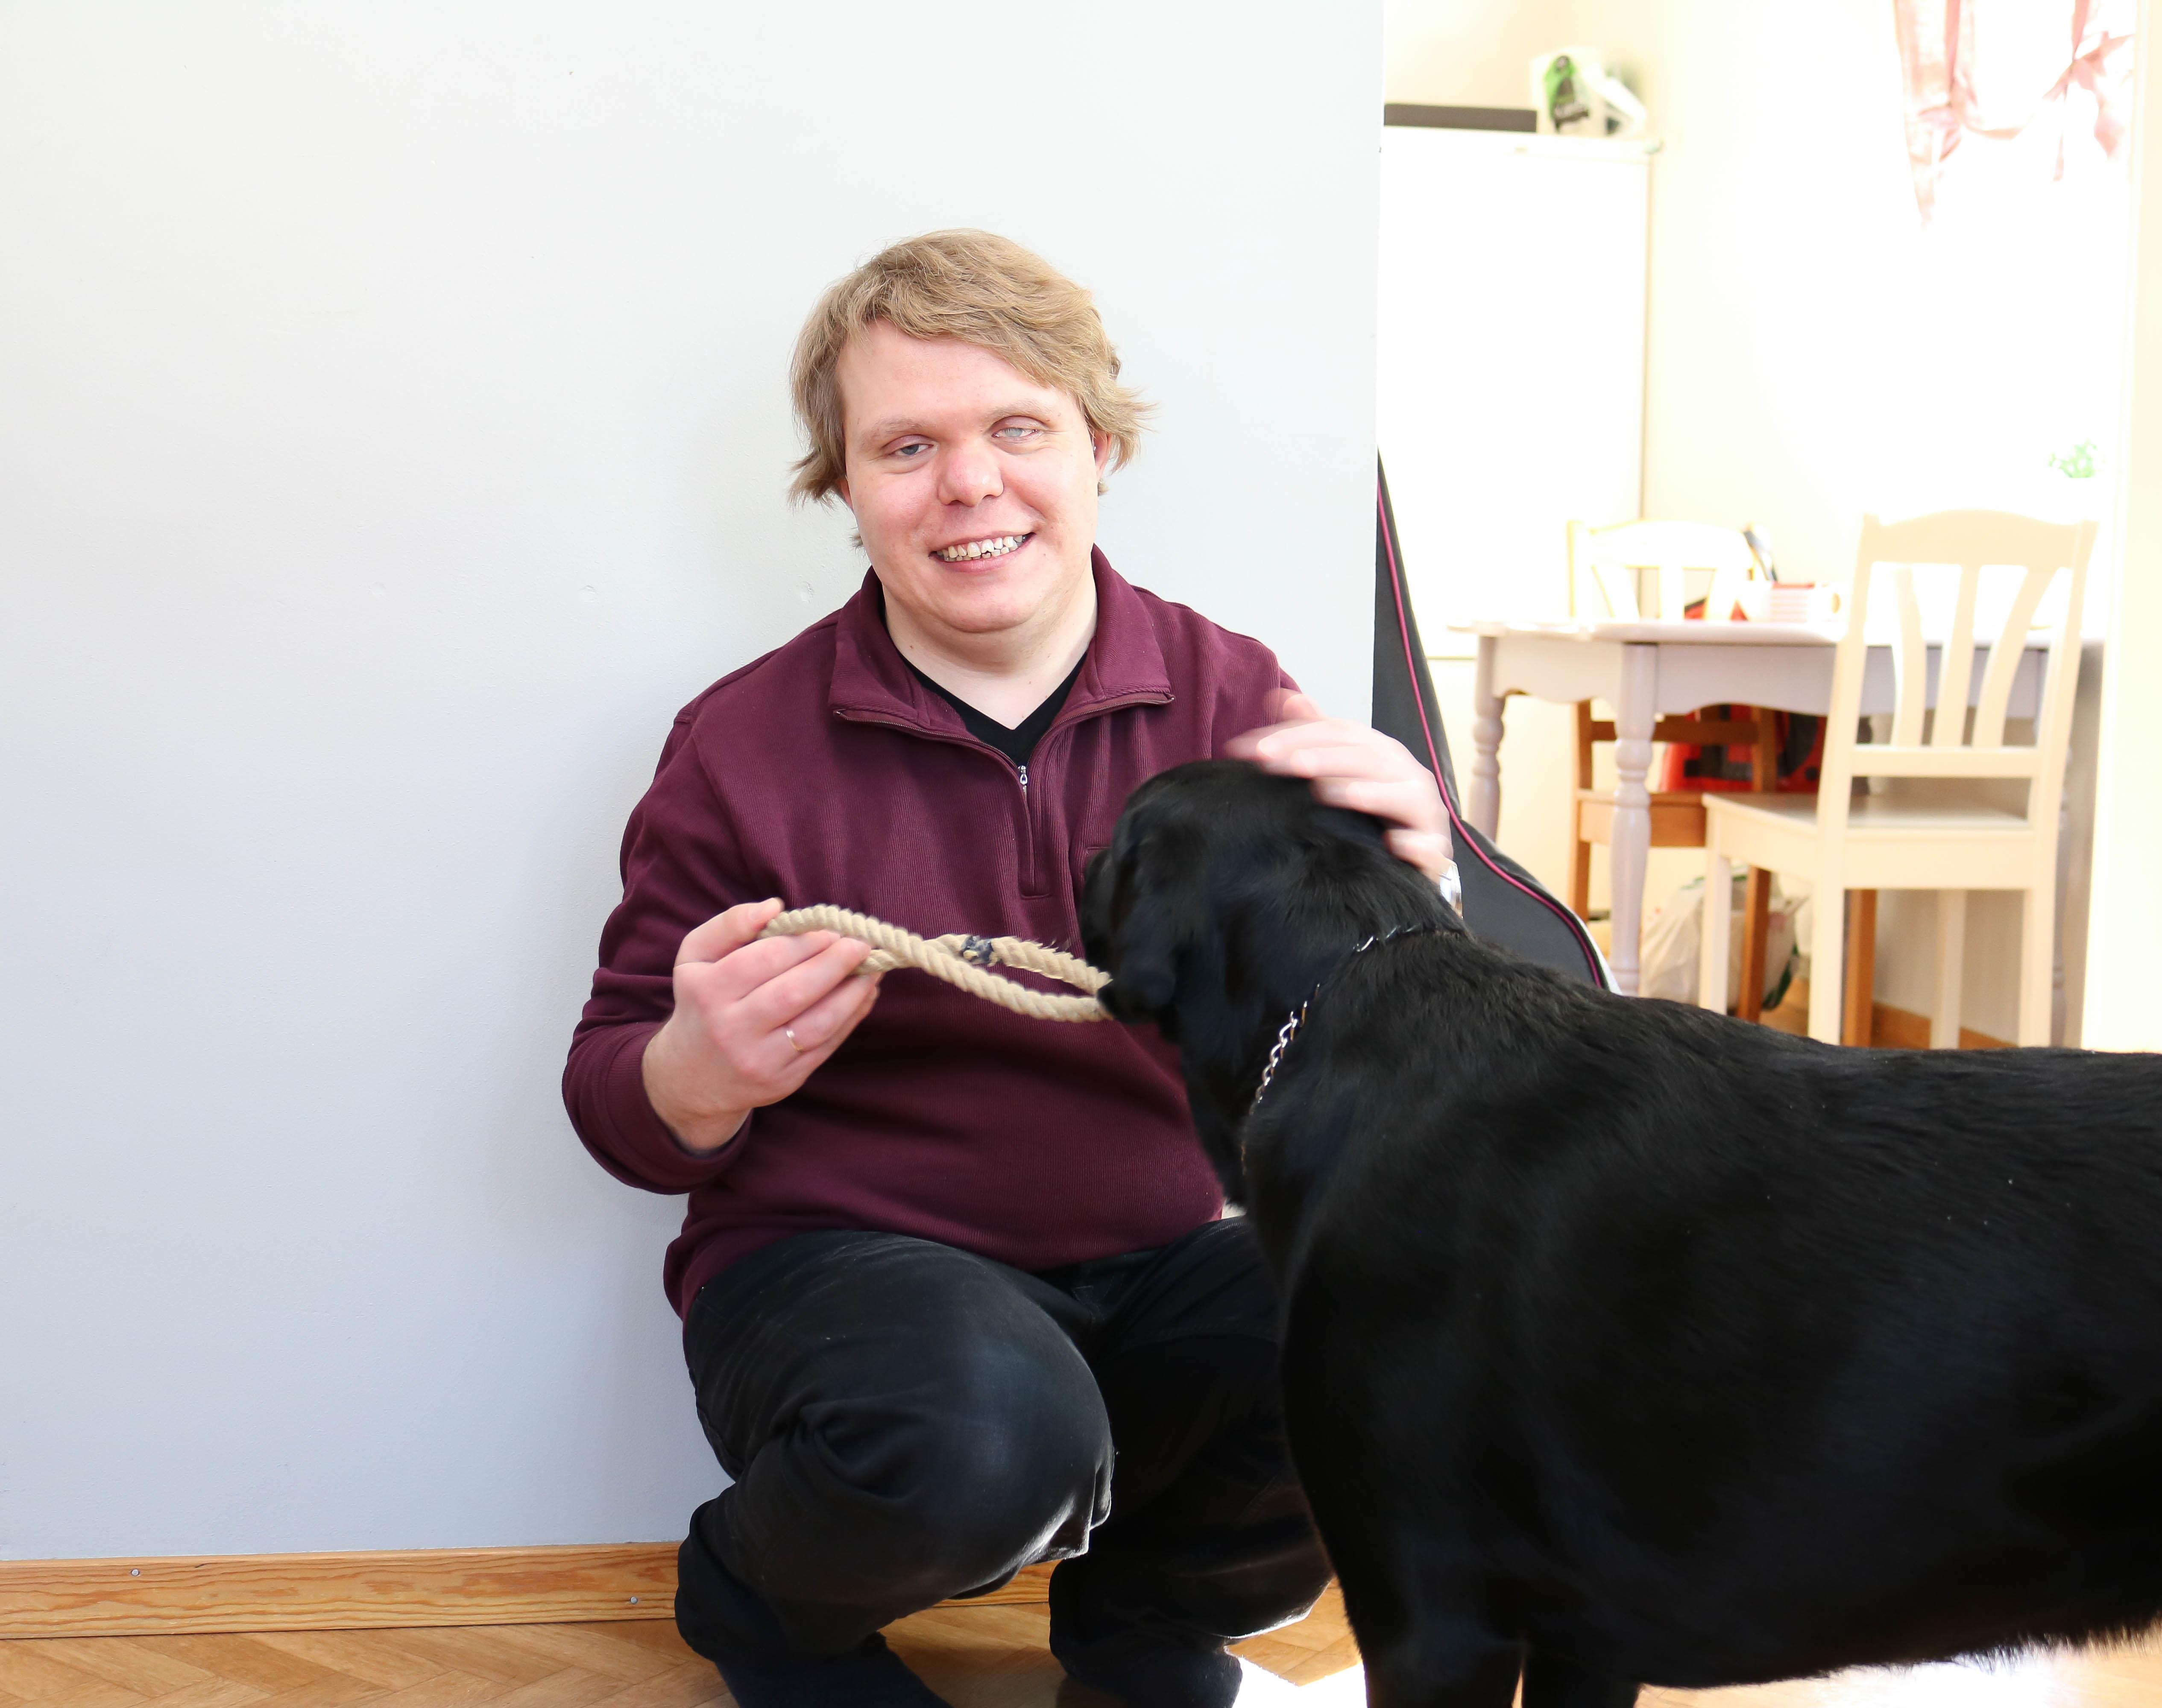 Døvblind mann med lilla genser sitter på huk, og leker med en svart førerhund.